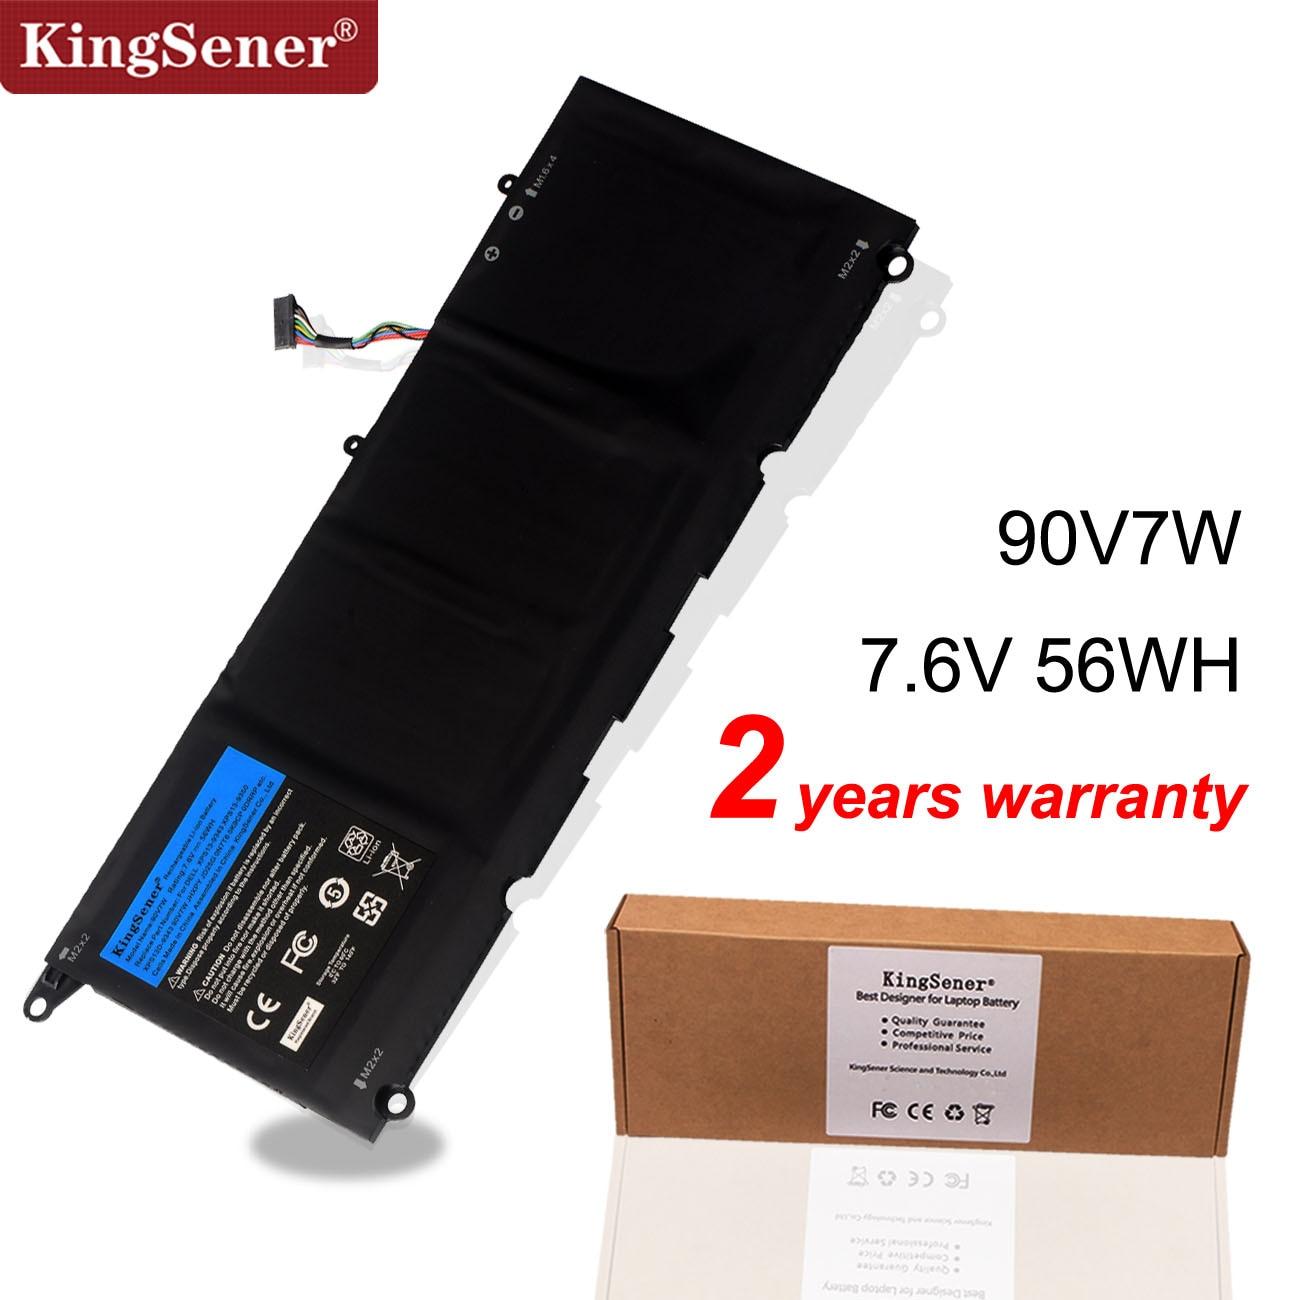 KingSener 90V7W JHXPY JD25G 090V7W Laptop Battery For Dell XPS 13 9343 XPS13 9350 13D-9343 P54G 0N7T